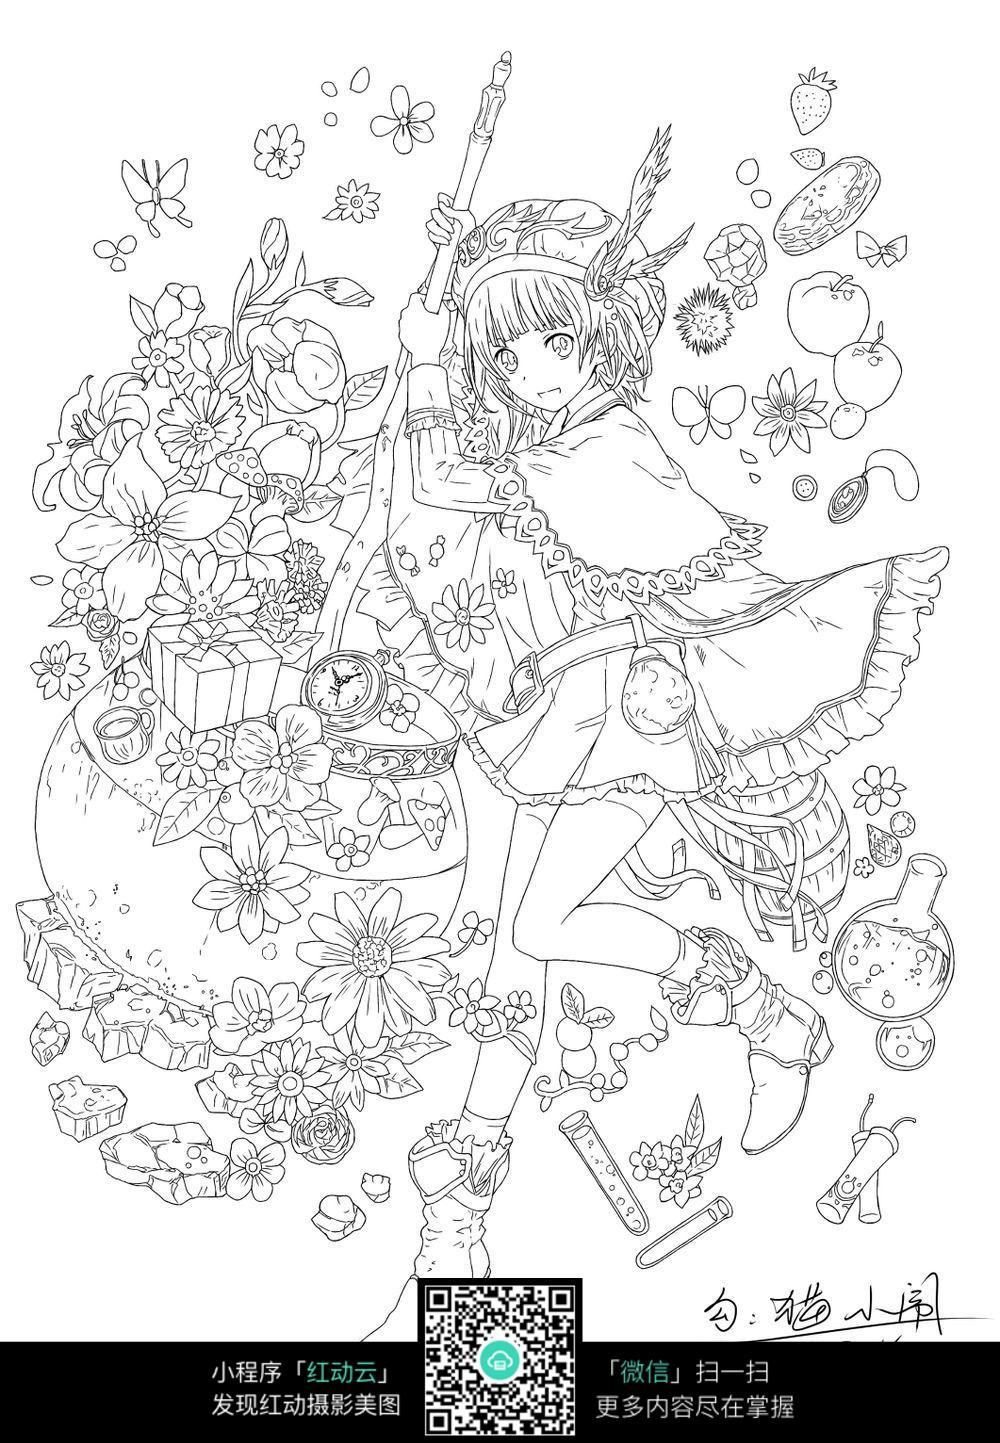 美少女动漫插画手绘